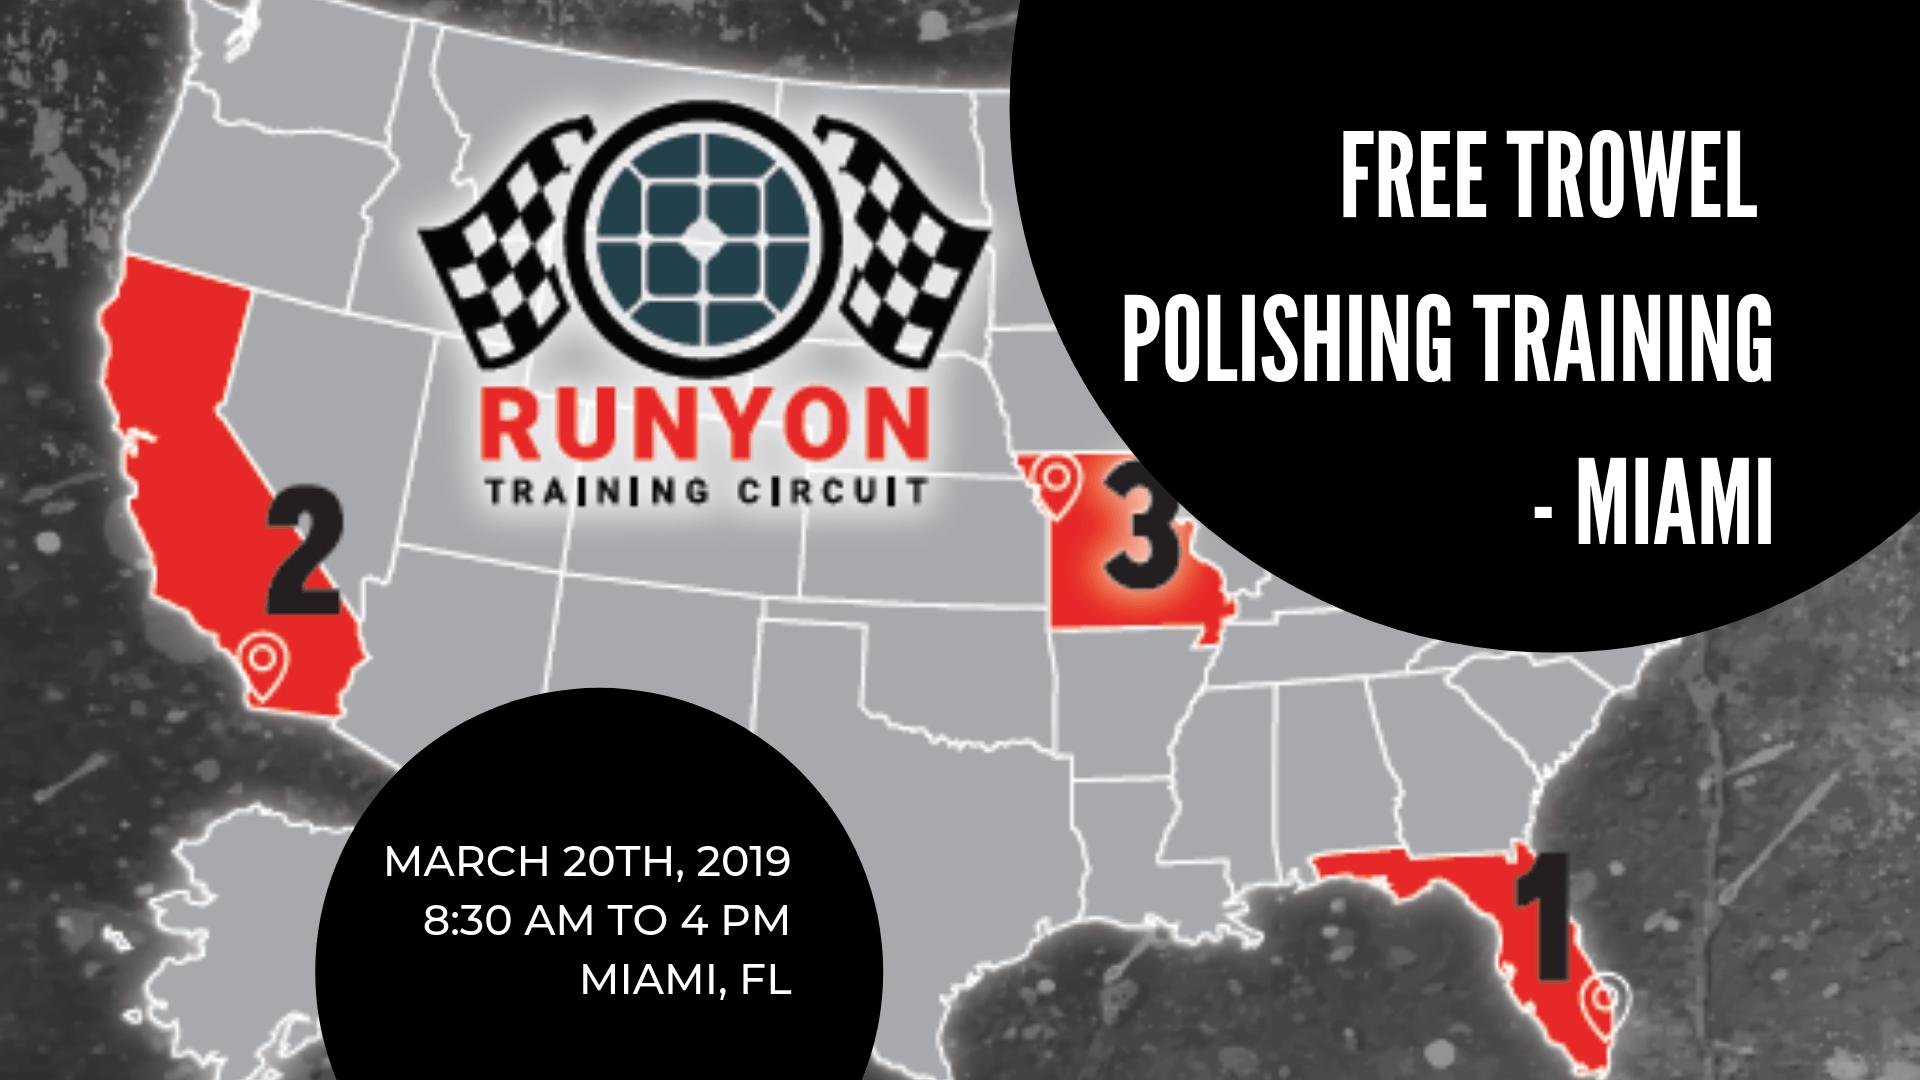 Miami Power Trowel Polishing Training